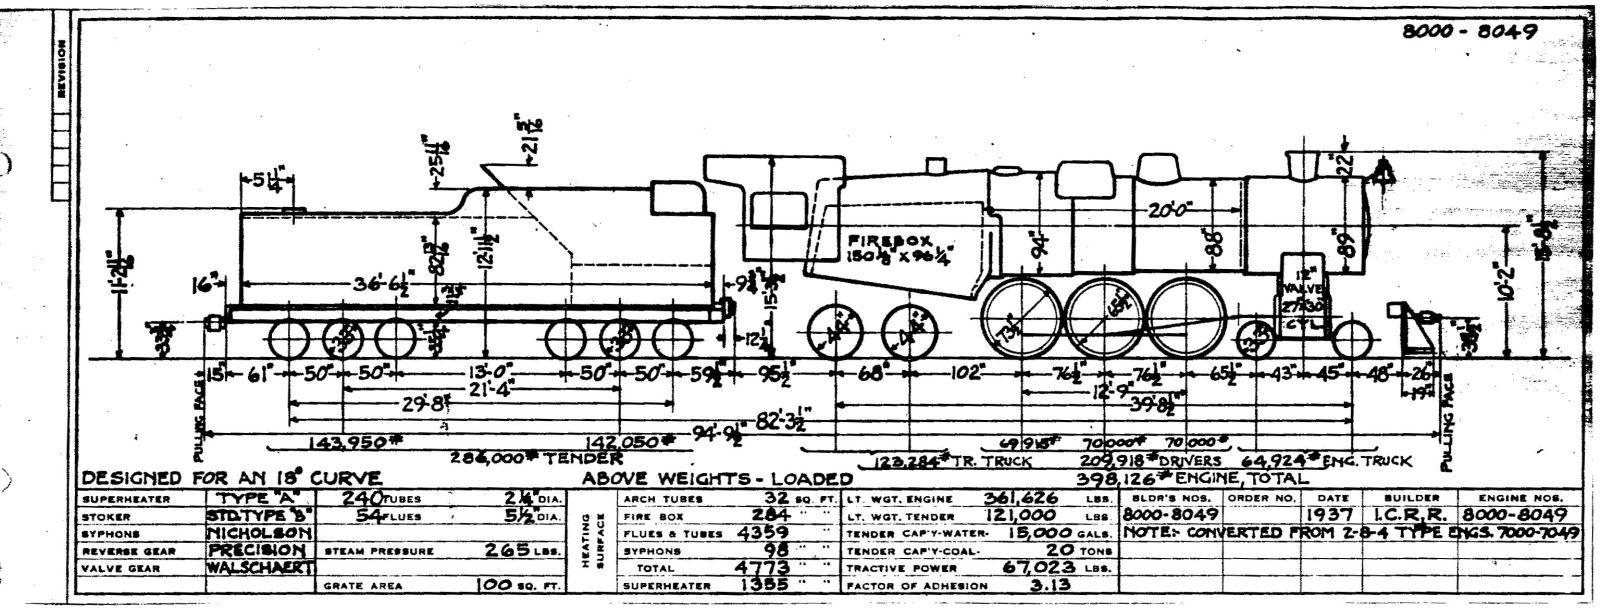 81 - Locomotive 9202 82 - Locomotives 10000-10003 83 - Locomotives C&IW  801, 802 84 - Locomotives C&IW 803, 804